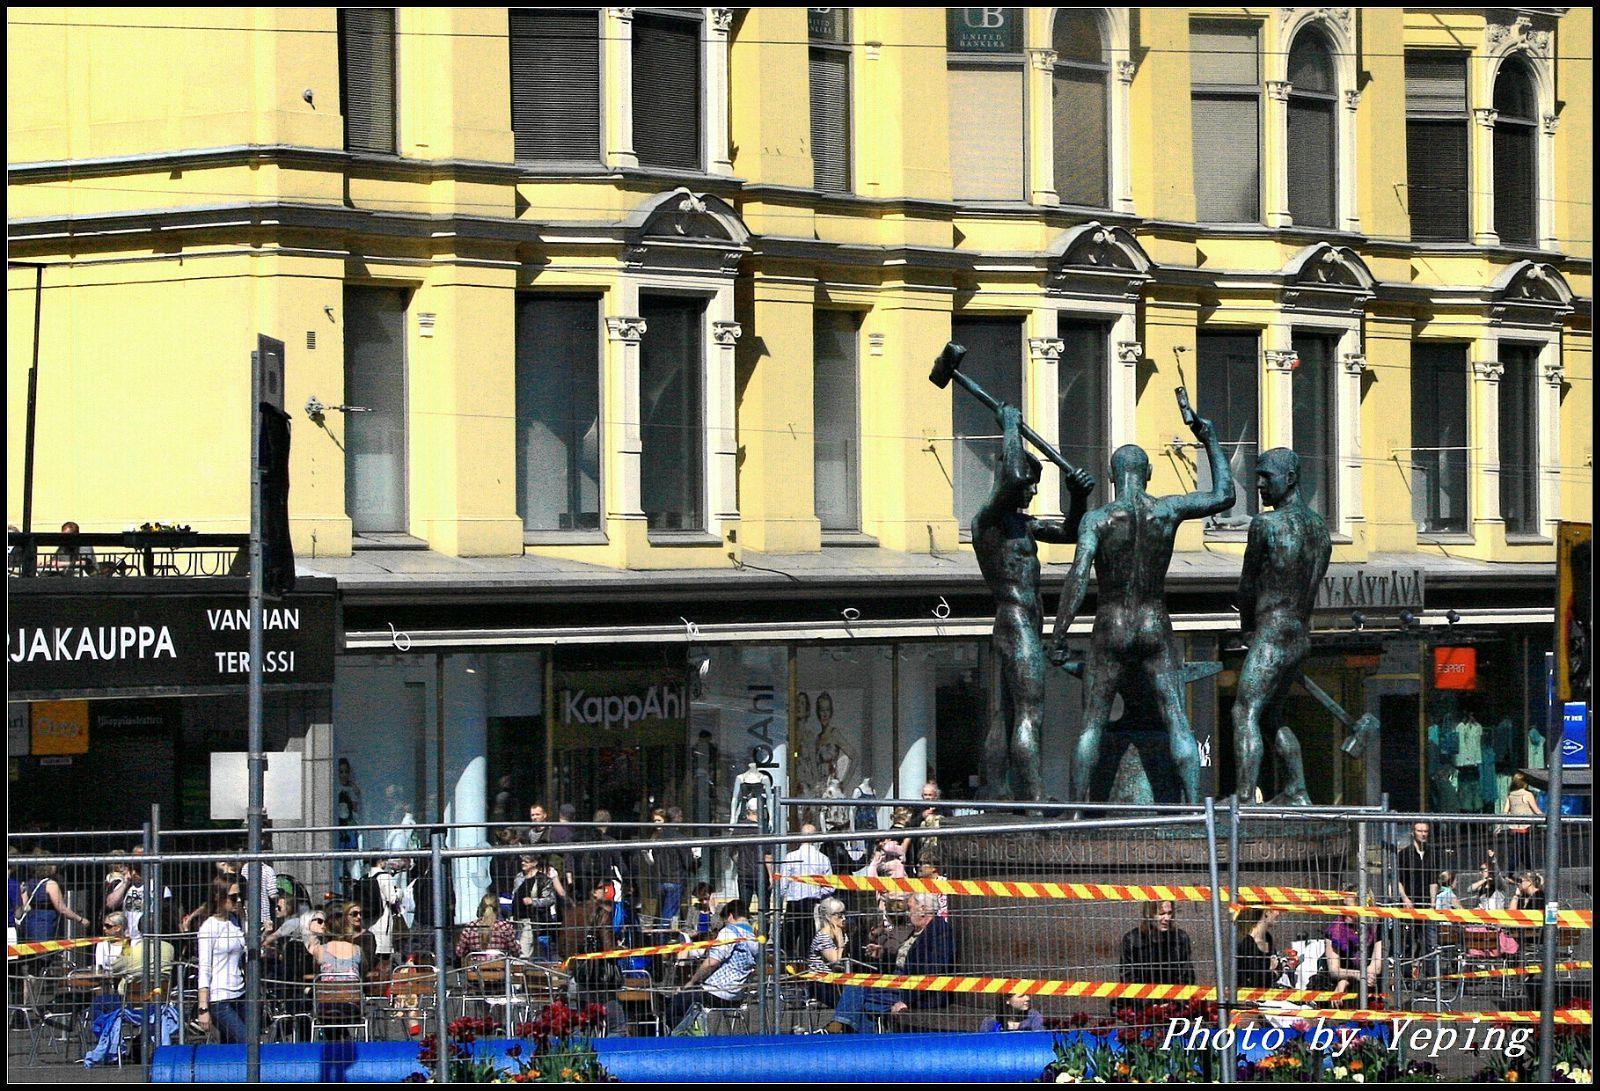 赫尔辛基中央火车站附近街头的三铁匠雕塑